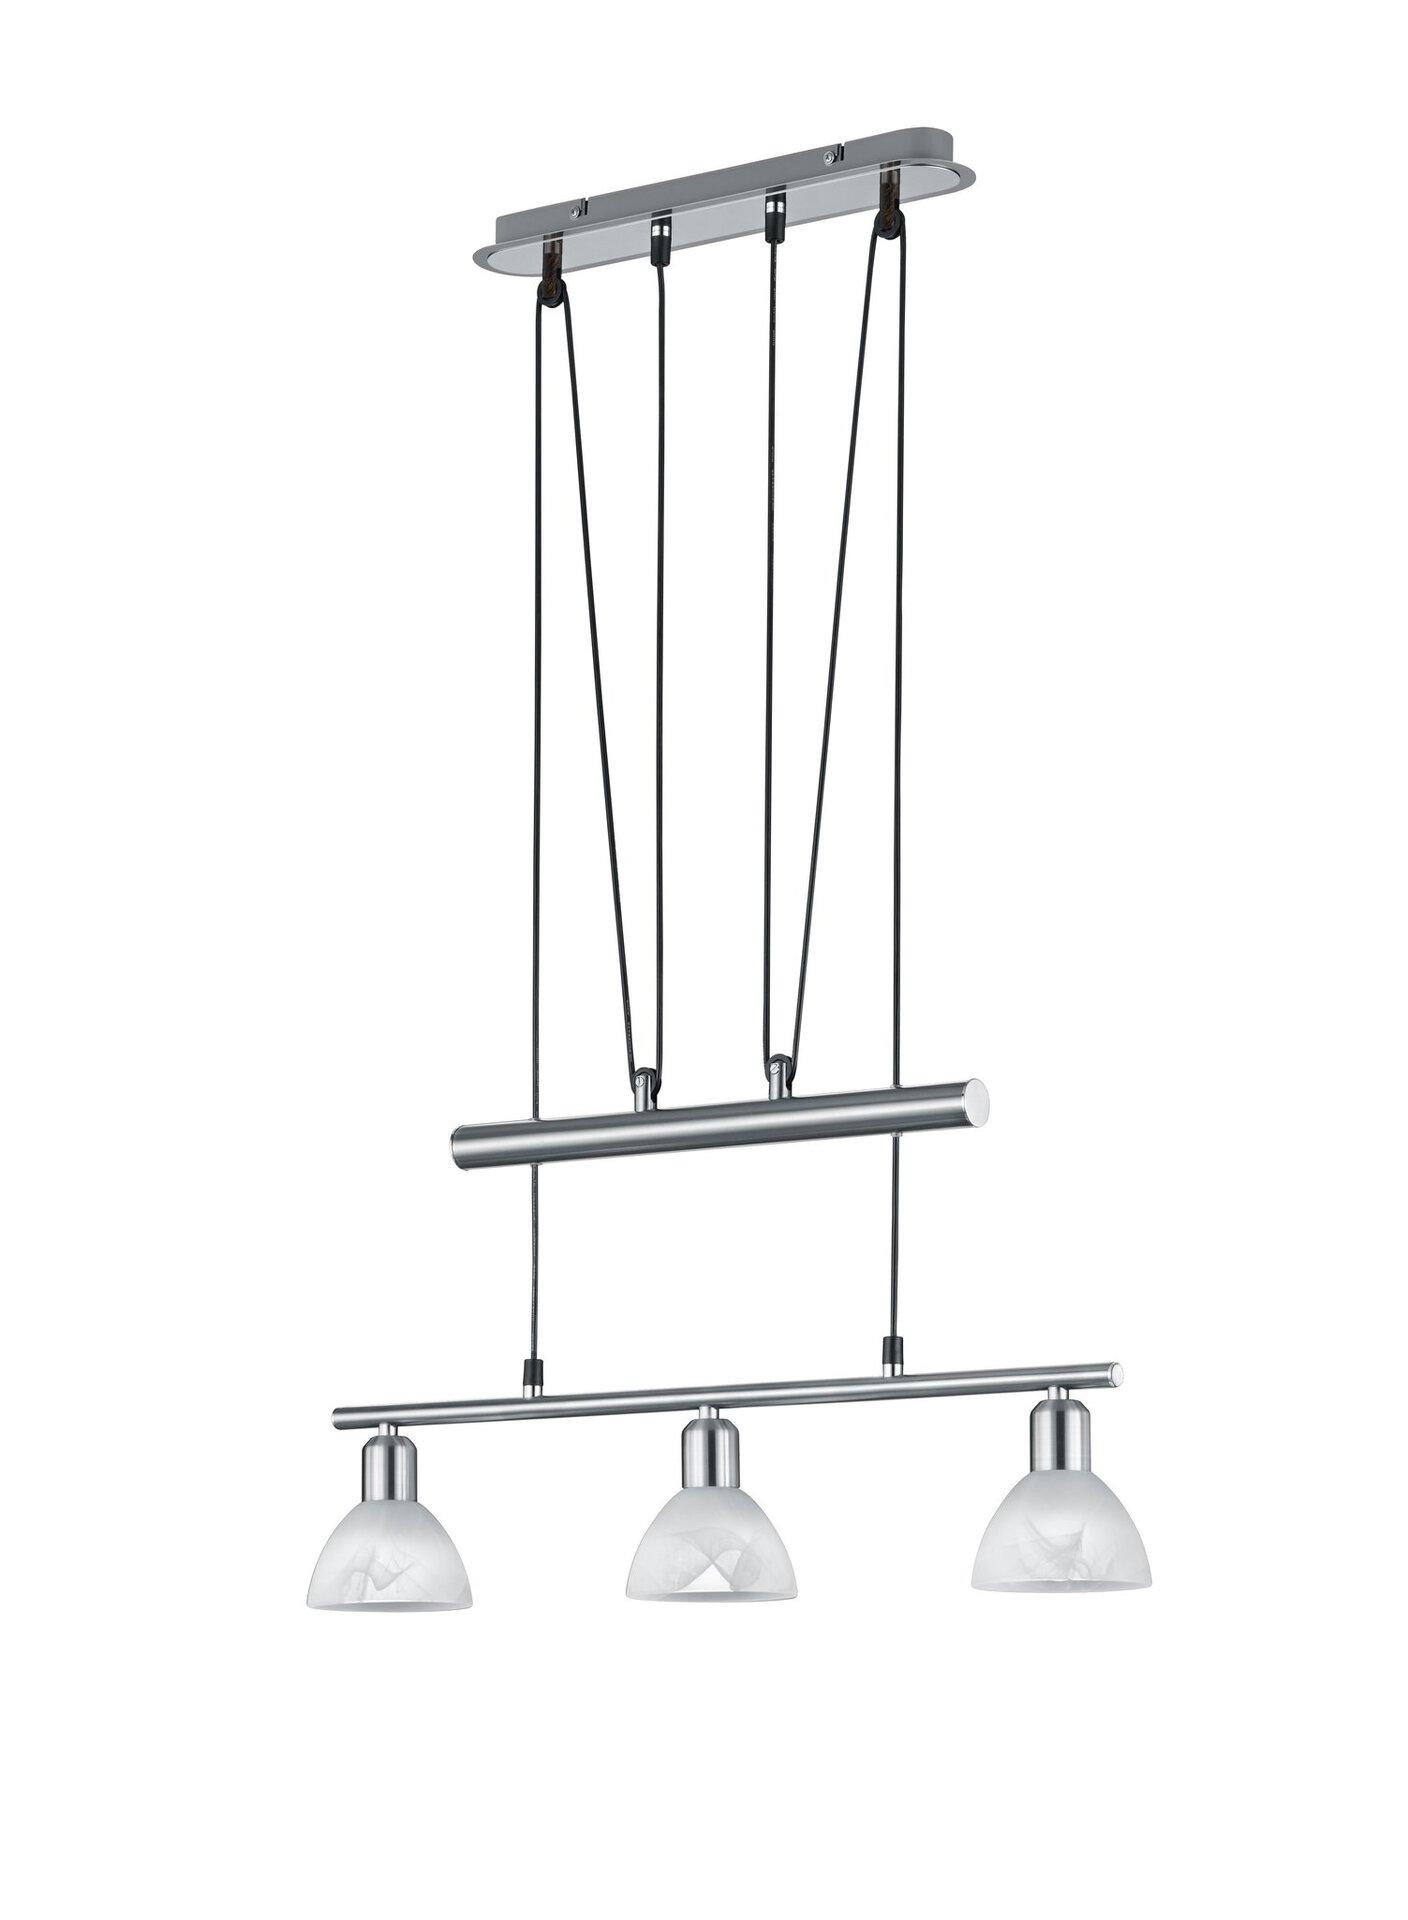 Hängeleuchte Levisto Trio Leuchten Metall 95 x 60 cm